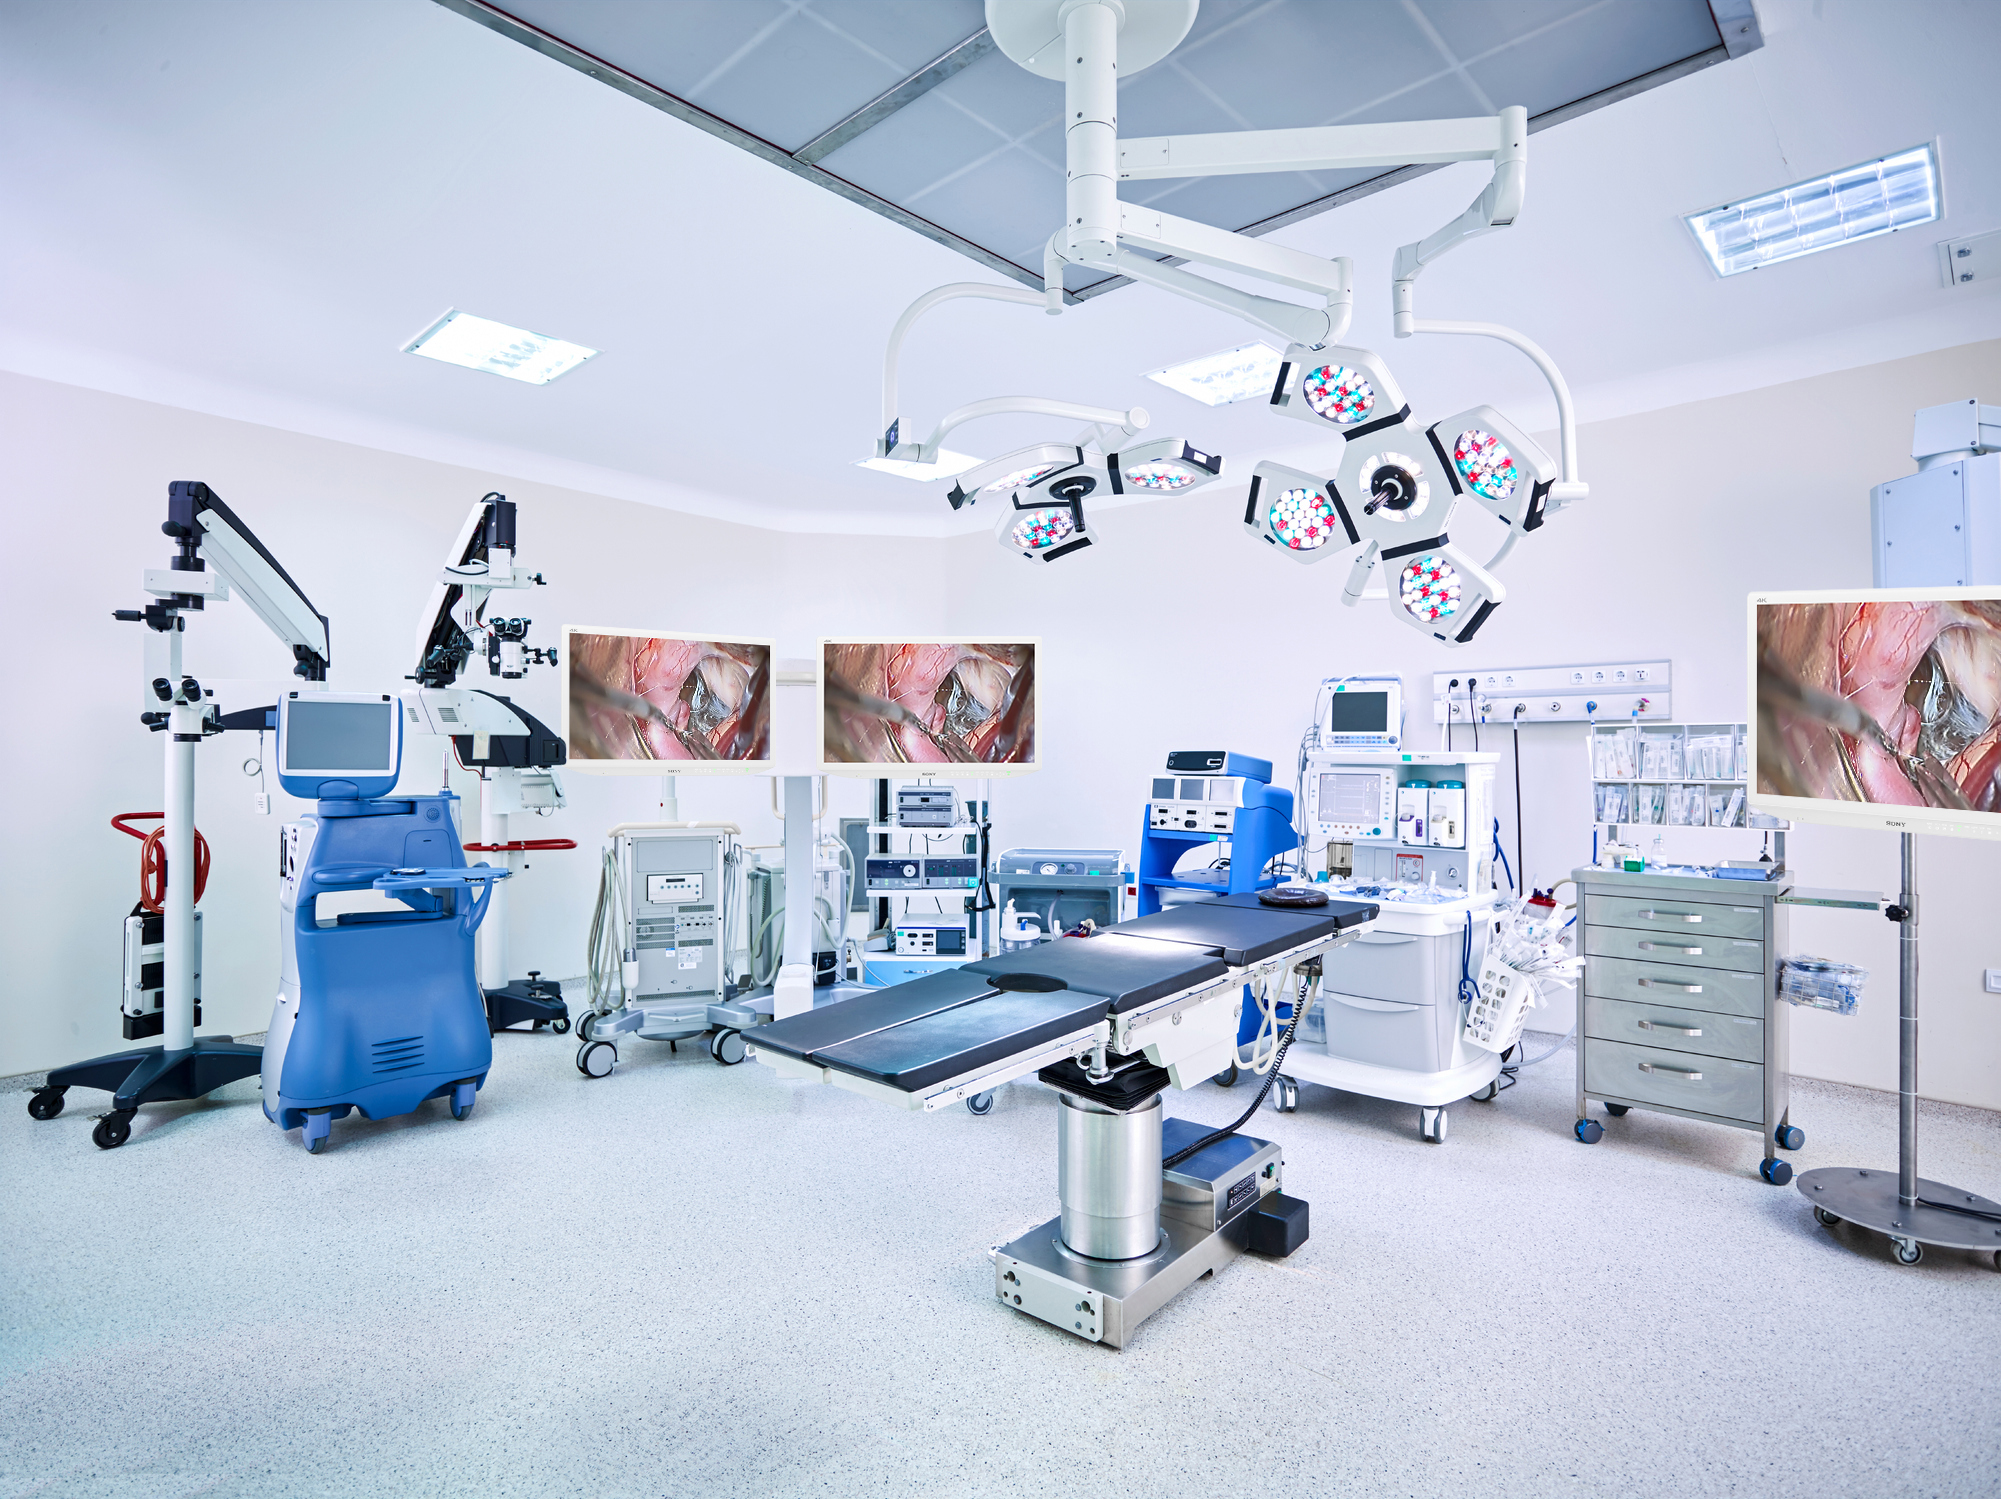 Platforma do obsługi obrazów medycznych Sony NUCLeUS zyskuje nowe funkcje pozwalające na zdalną obserwację pacjentów